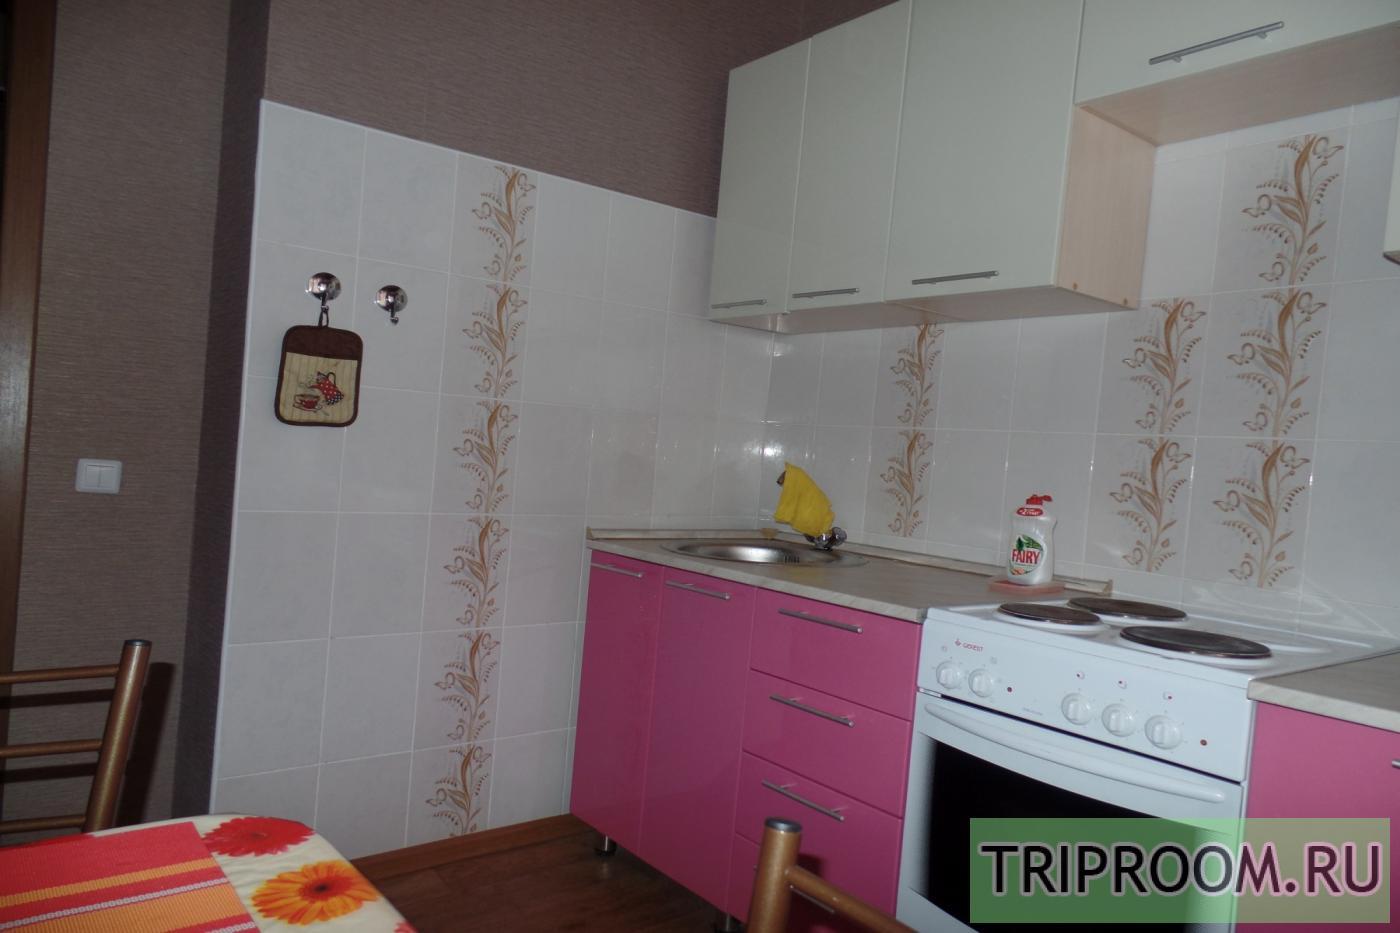 2-комнатная квартира посуточно (вариант № 2611), ул. Байкальская улица, фото № 2